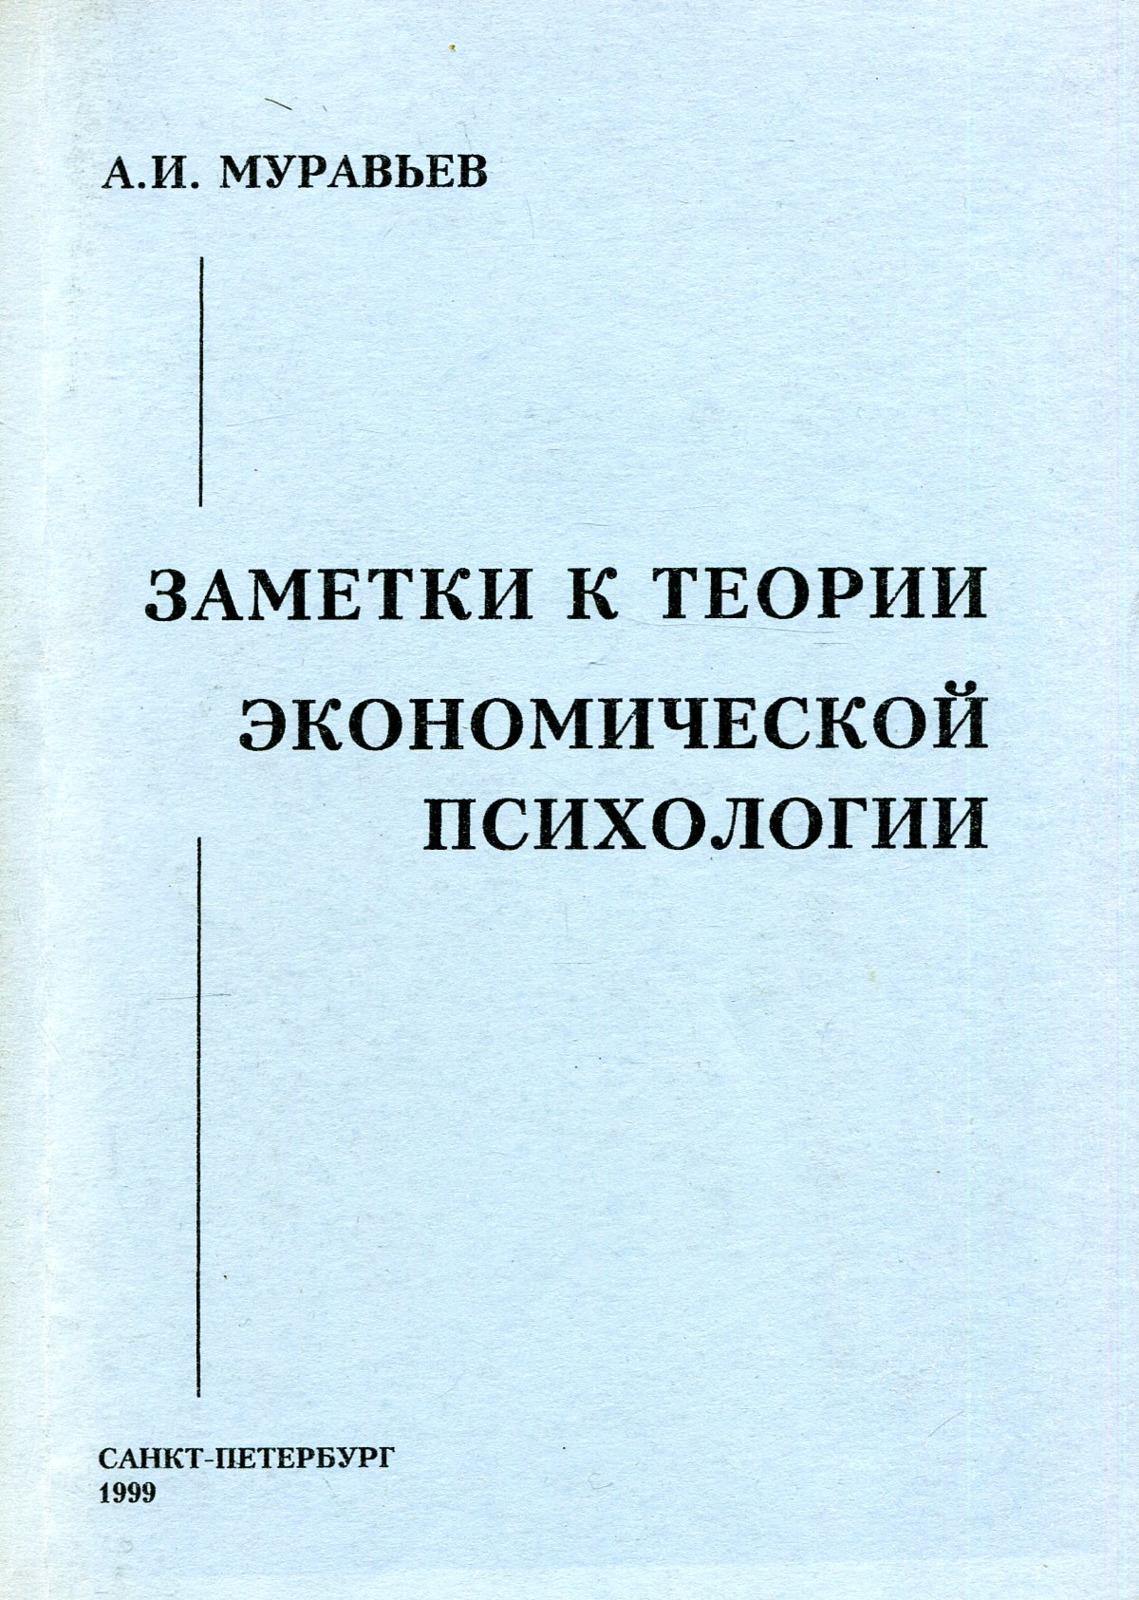 купить А.И. Муравьев Заметки к теории экономической психологии онлайн